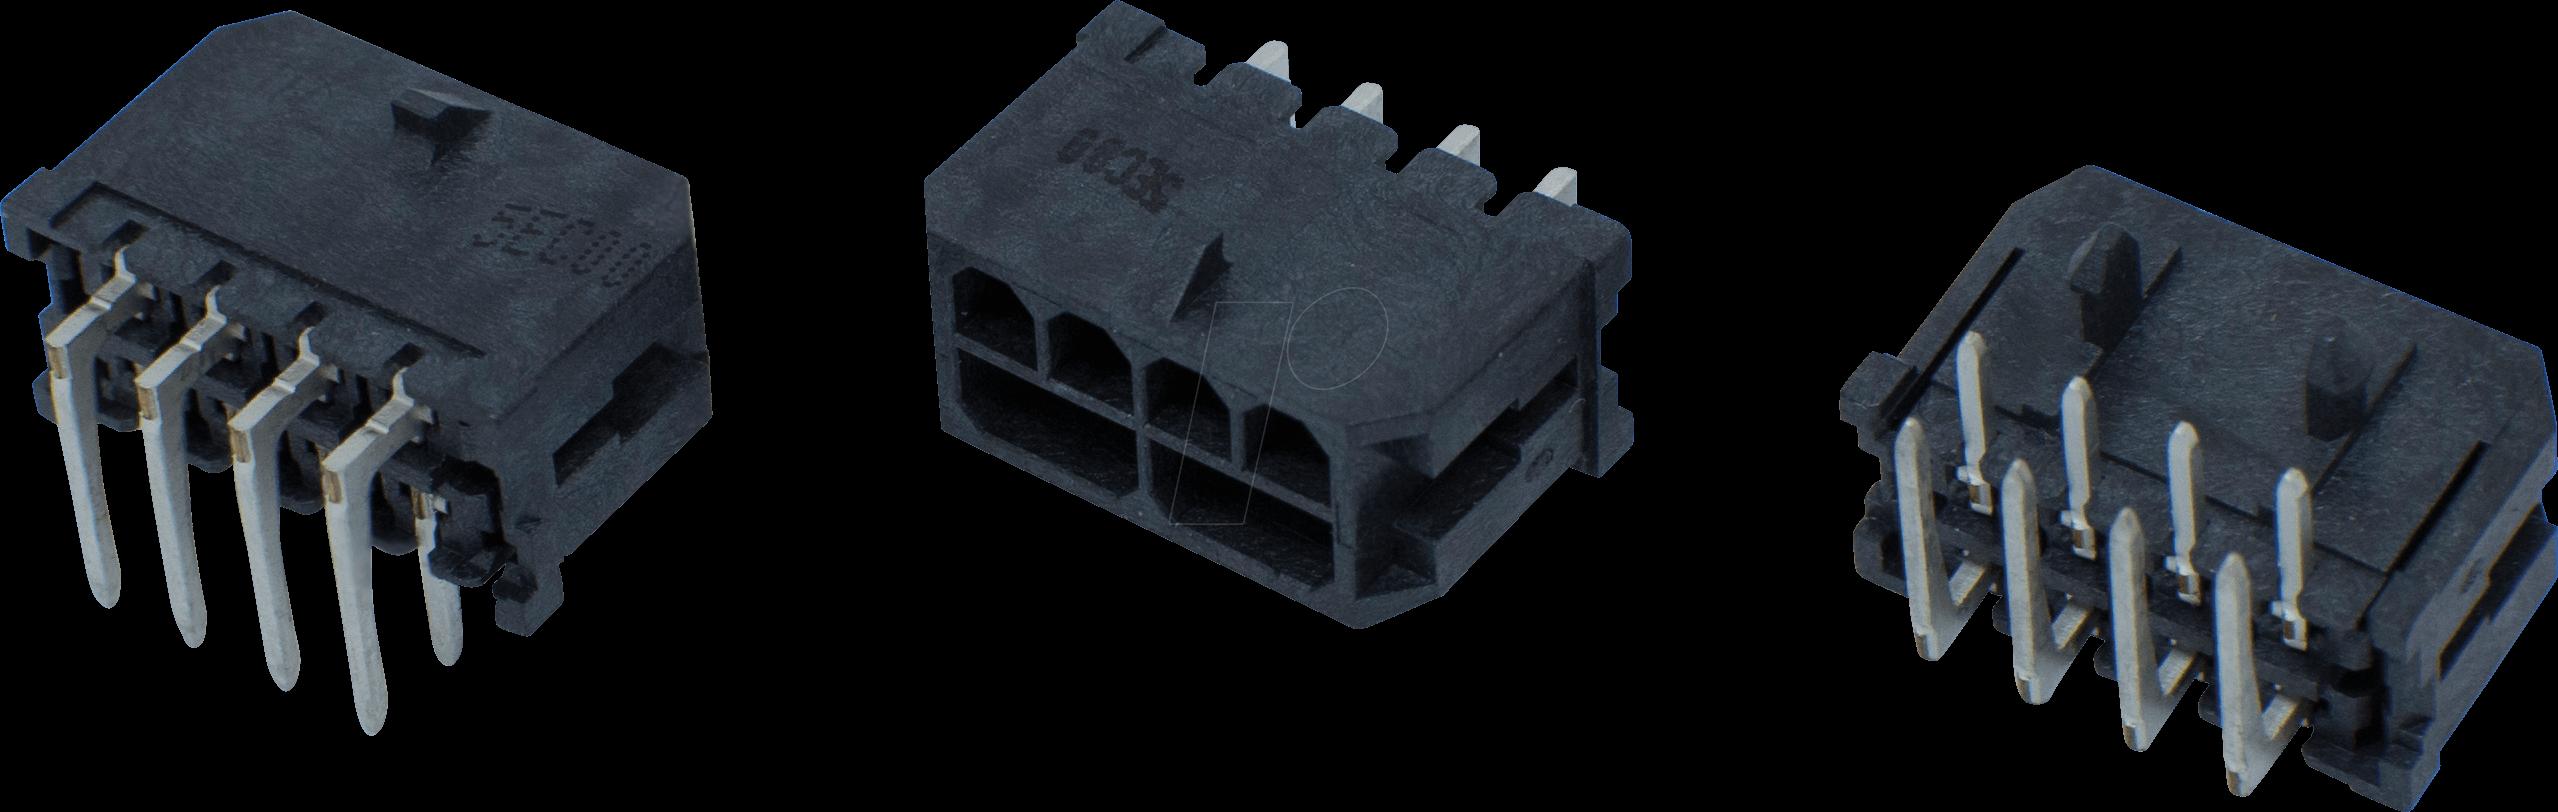 MH 2X8 THT90 - Micro-Hi Stiftleiste 2x8 polig 90° THT